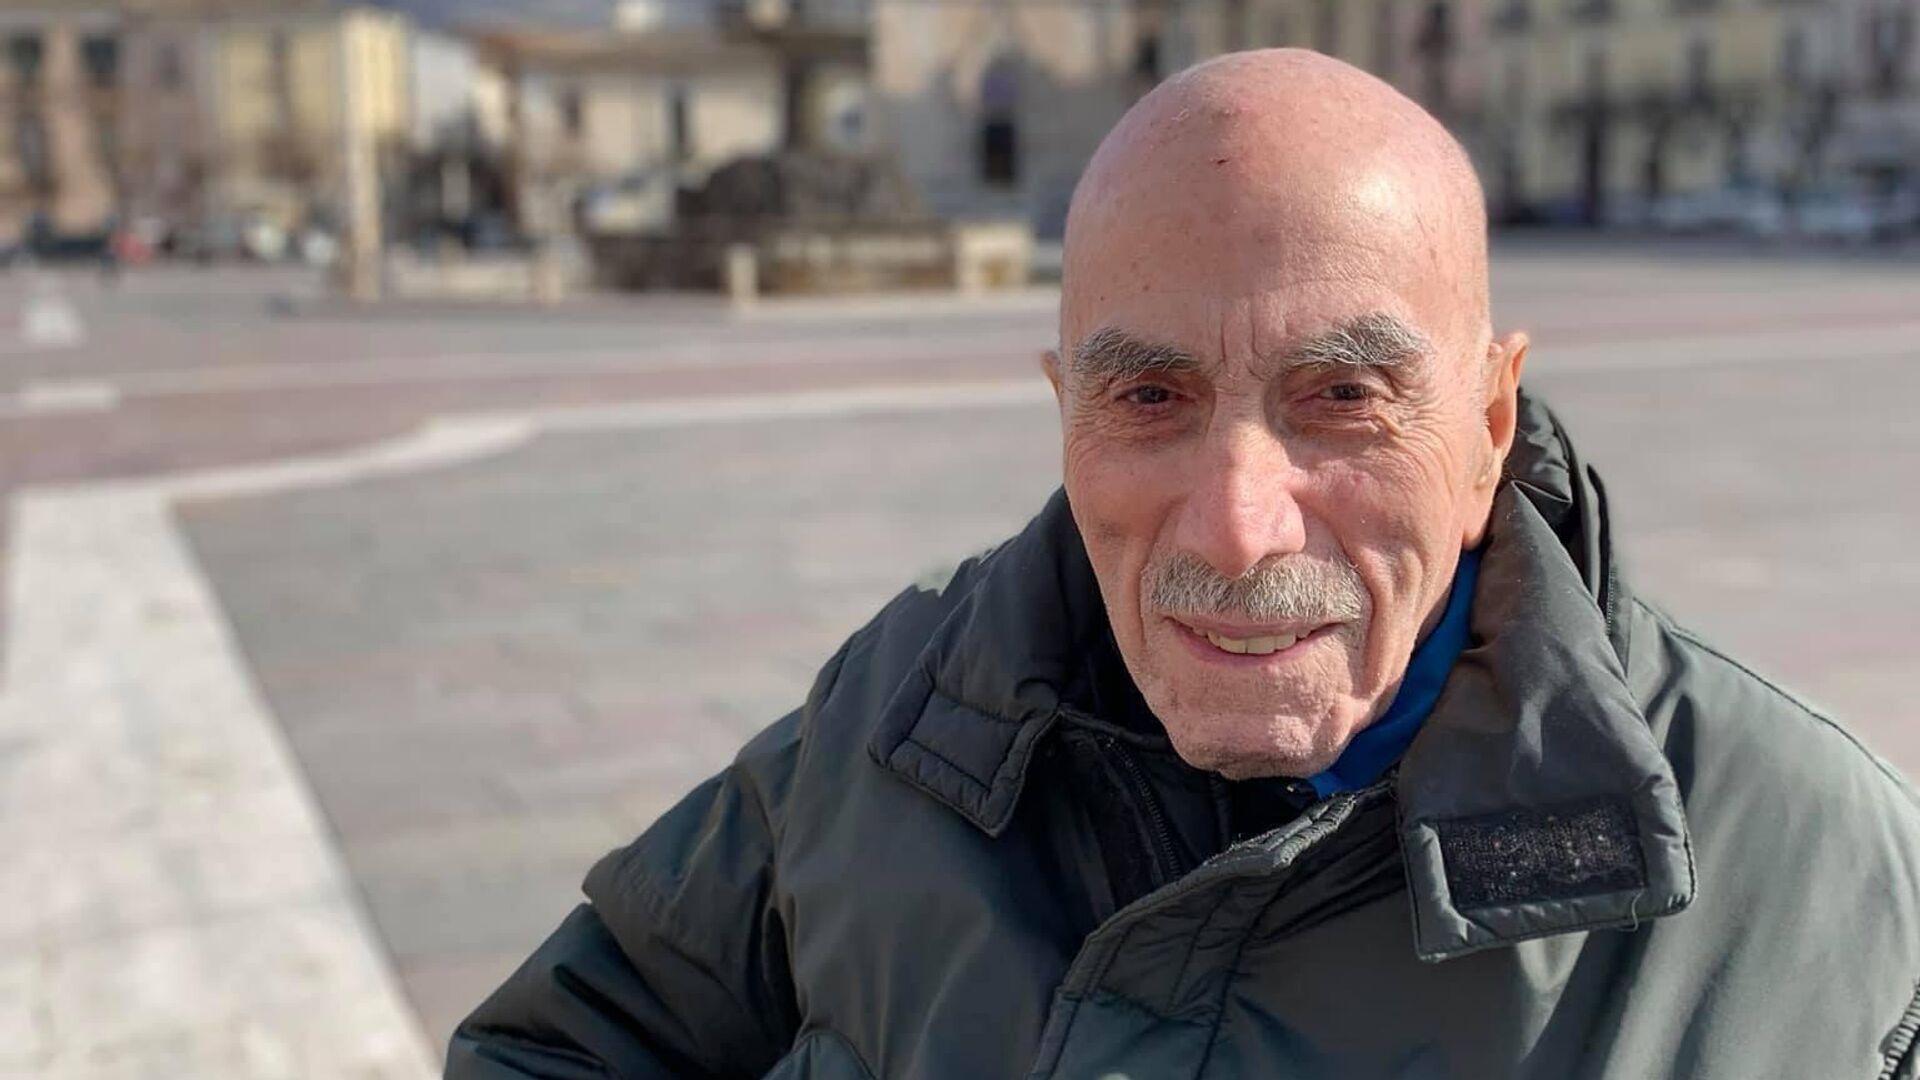 Участник итальянского движения Сопротивления Джилберто Малвестуто - РИА Новости, 1920, 08.05.2021